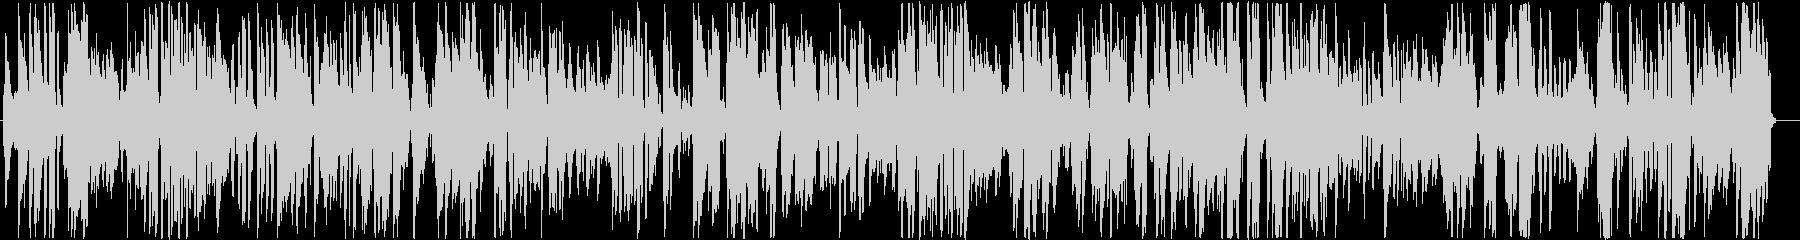 クラシックお洒落ジャズピアノ軽快サックスの未再生の波形